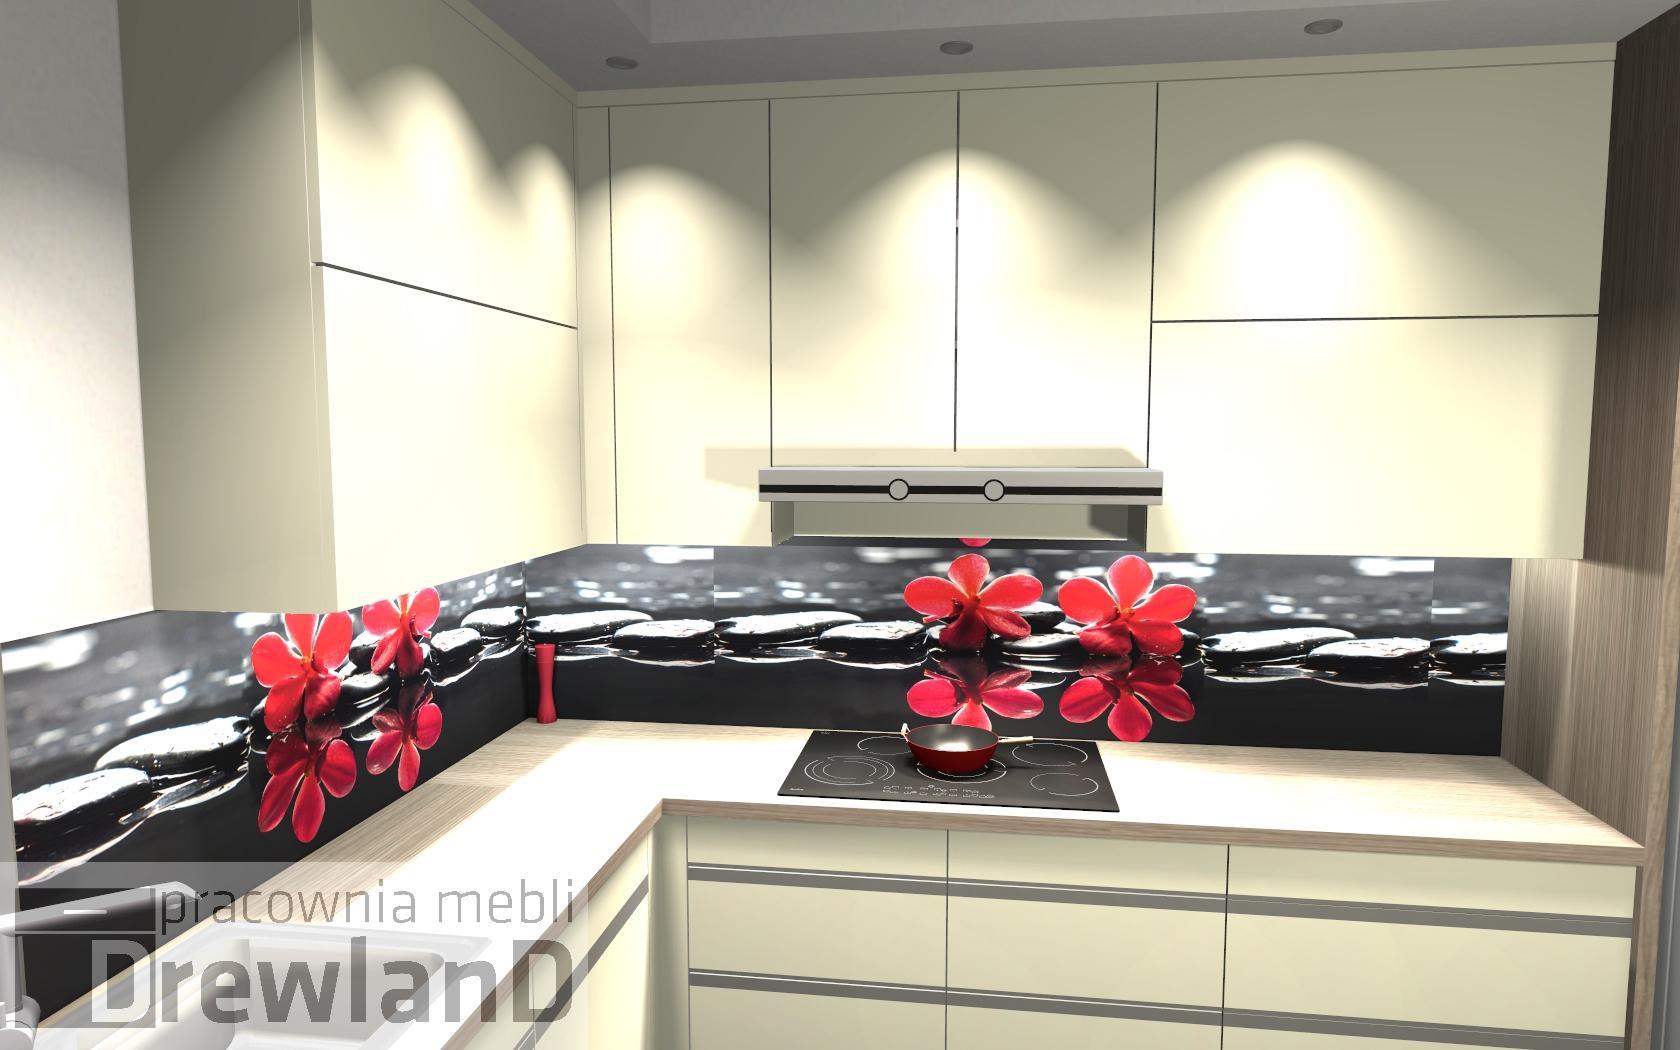 Wysokie szafki w kuchni  Drewland pl -> Szafki W Kuchni Do Sufitu Czy Nie